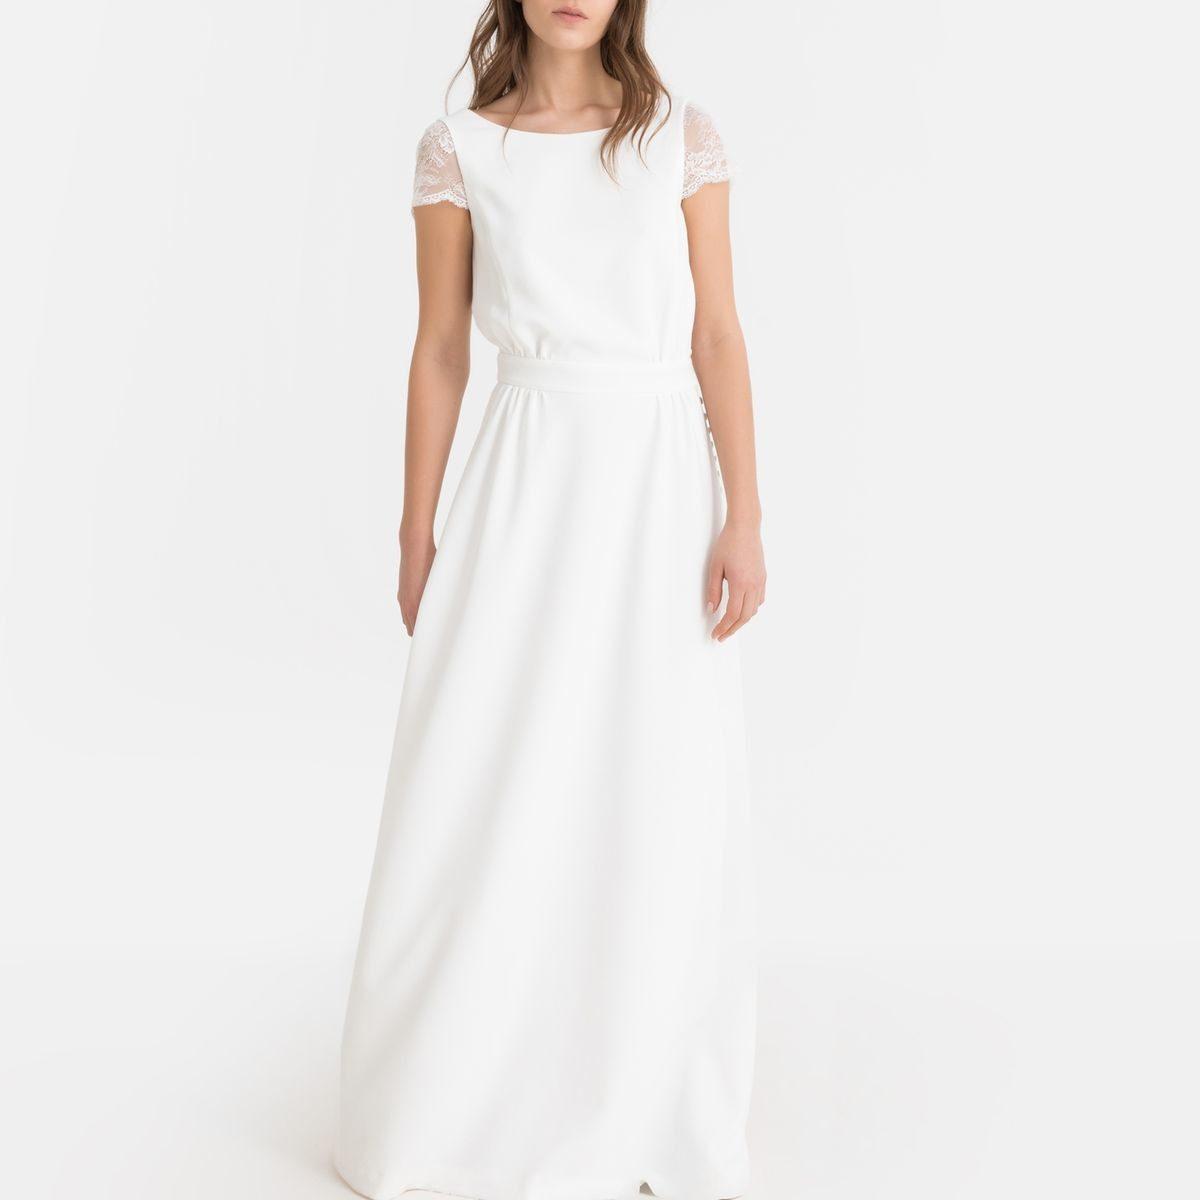 Robe de mariée LA REDOUTE - Robe de marié